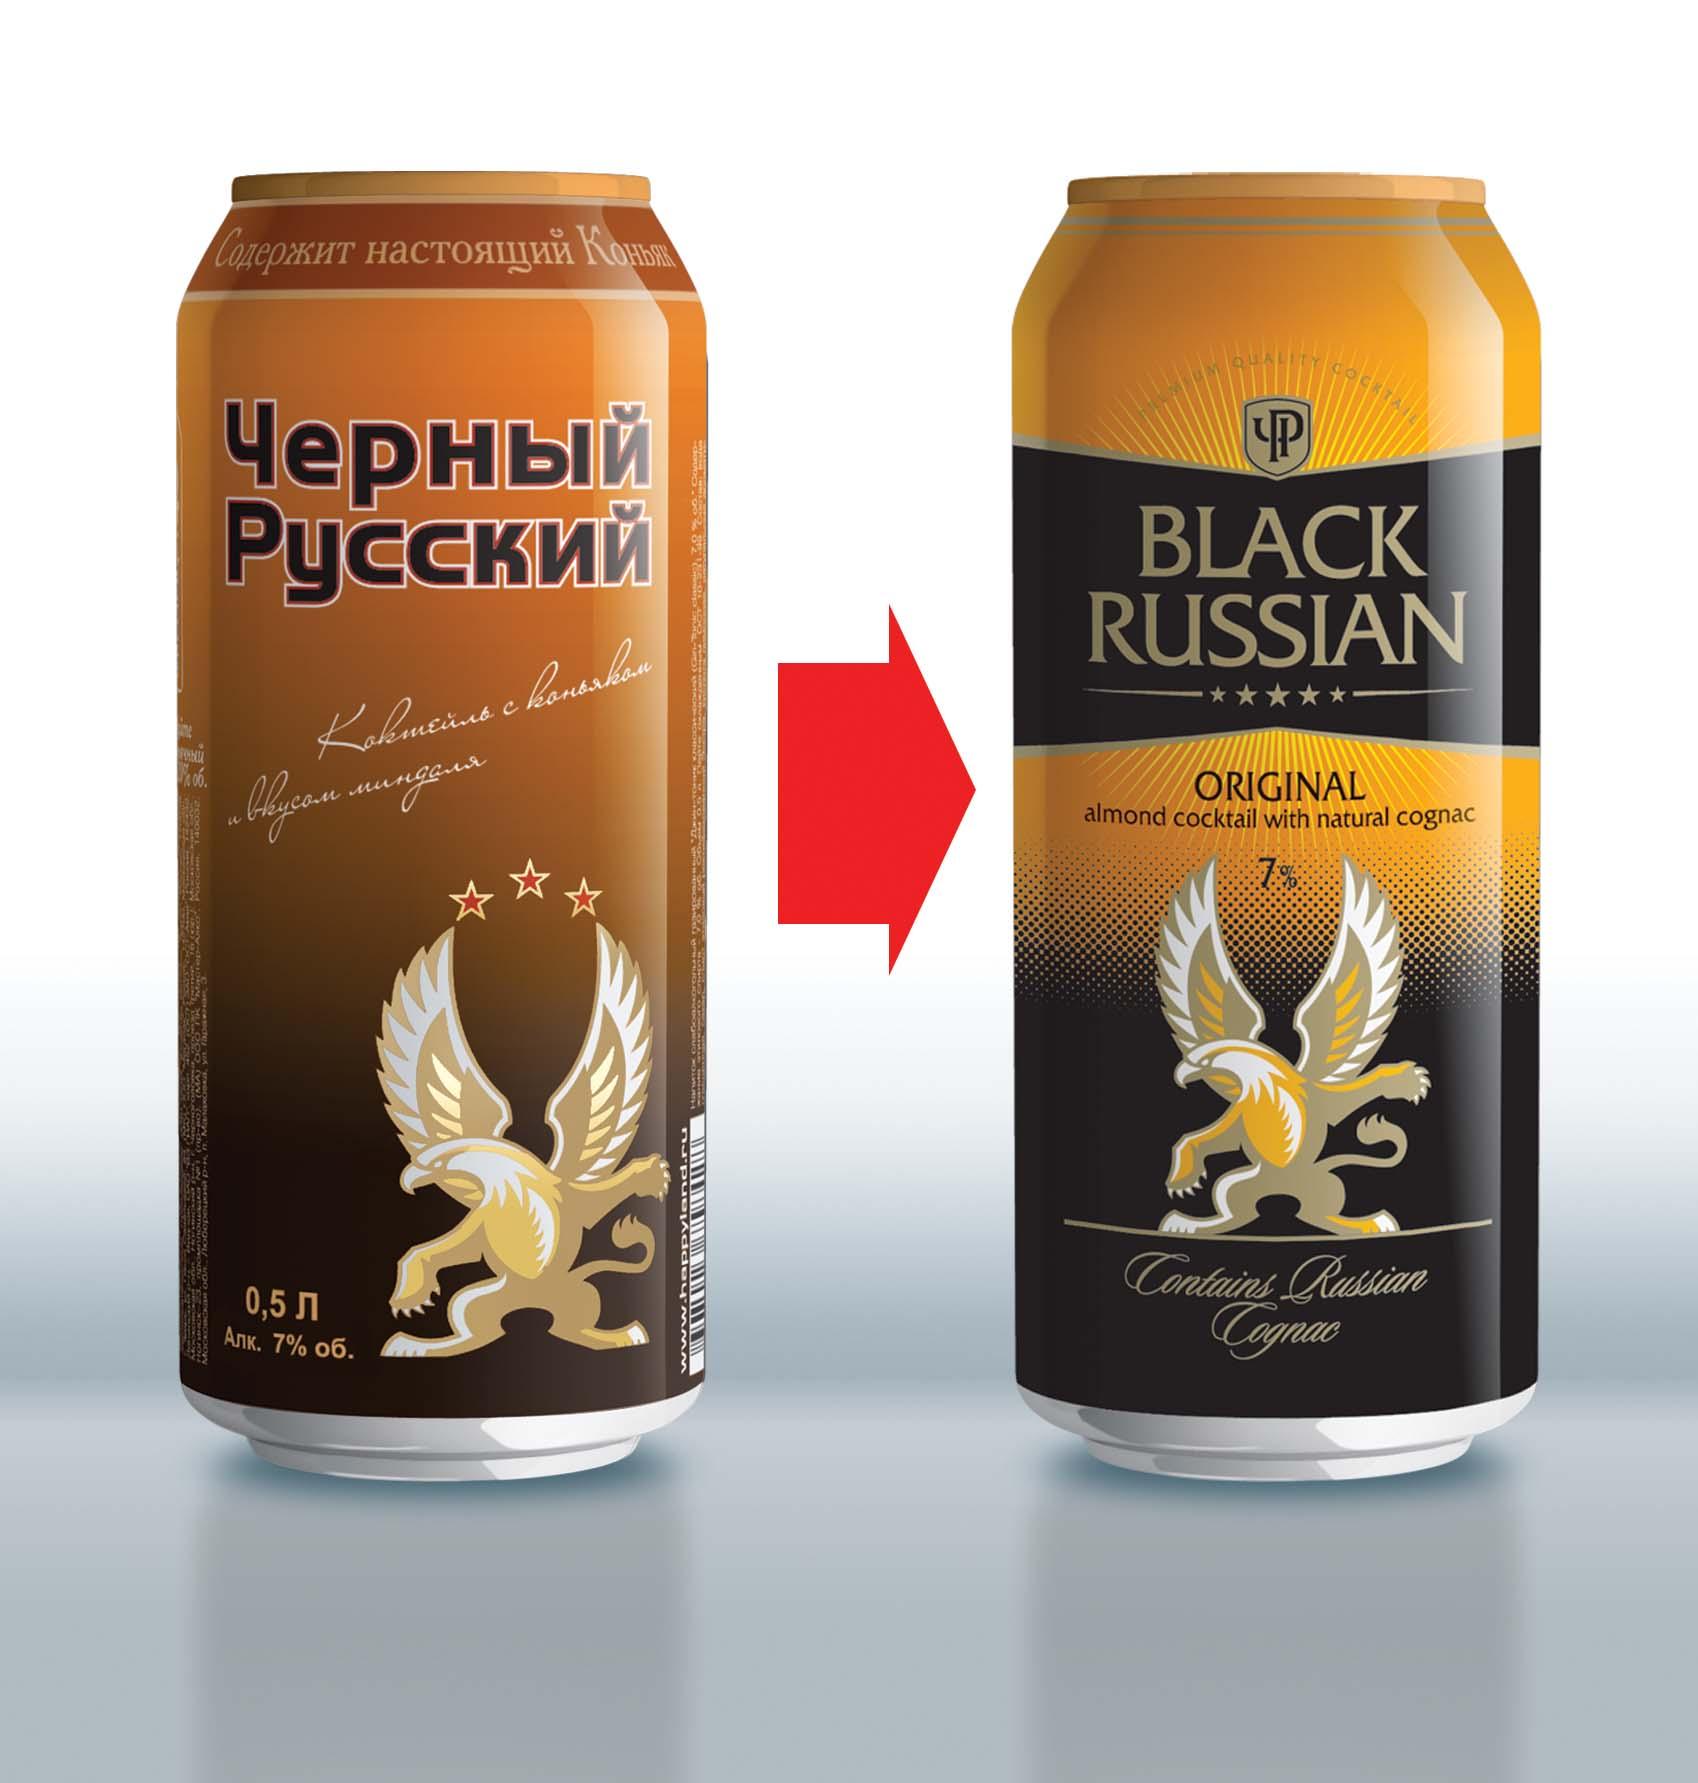 черный русский картинка примеру